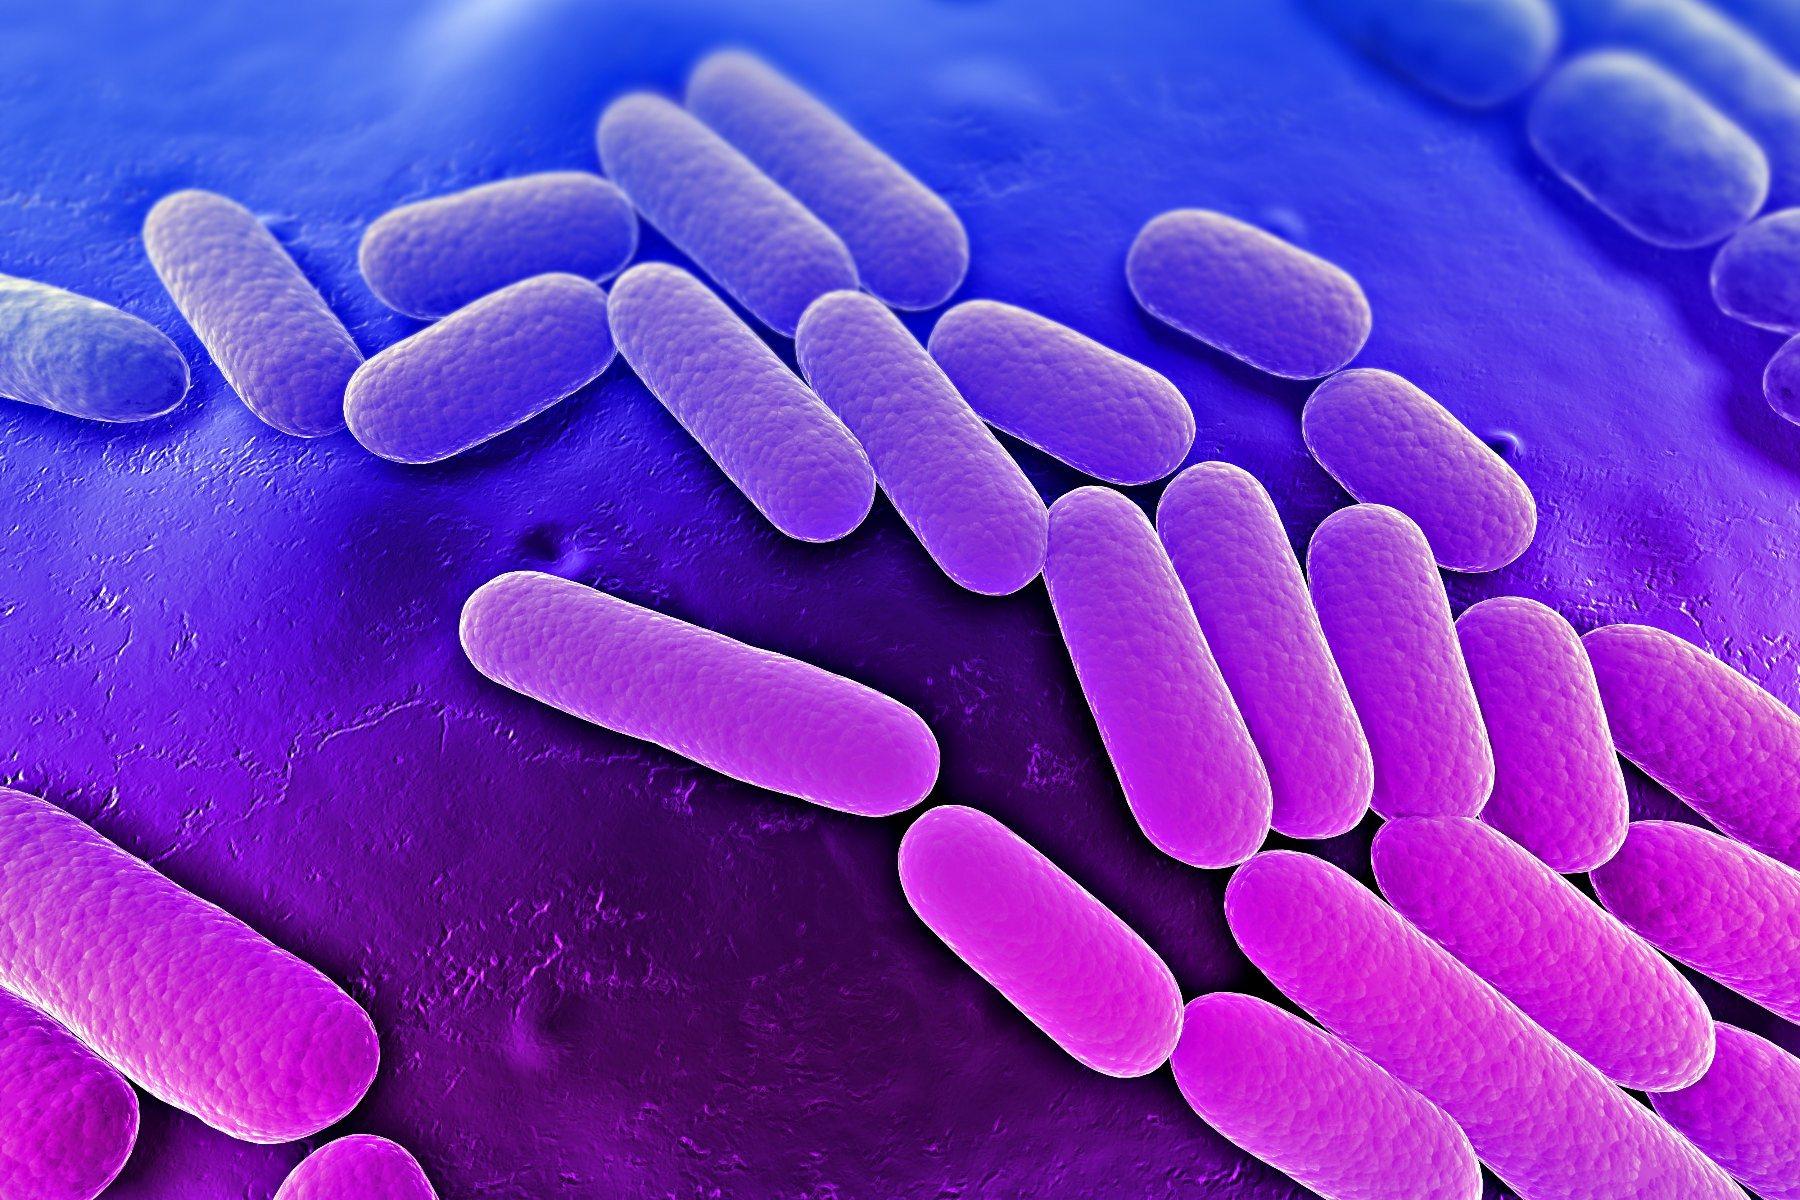 Выявление клебсиеллы пневмонии в анализе мочи: возможная опасность, лечение инфекции